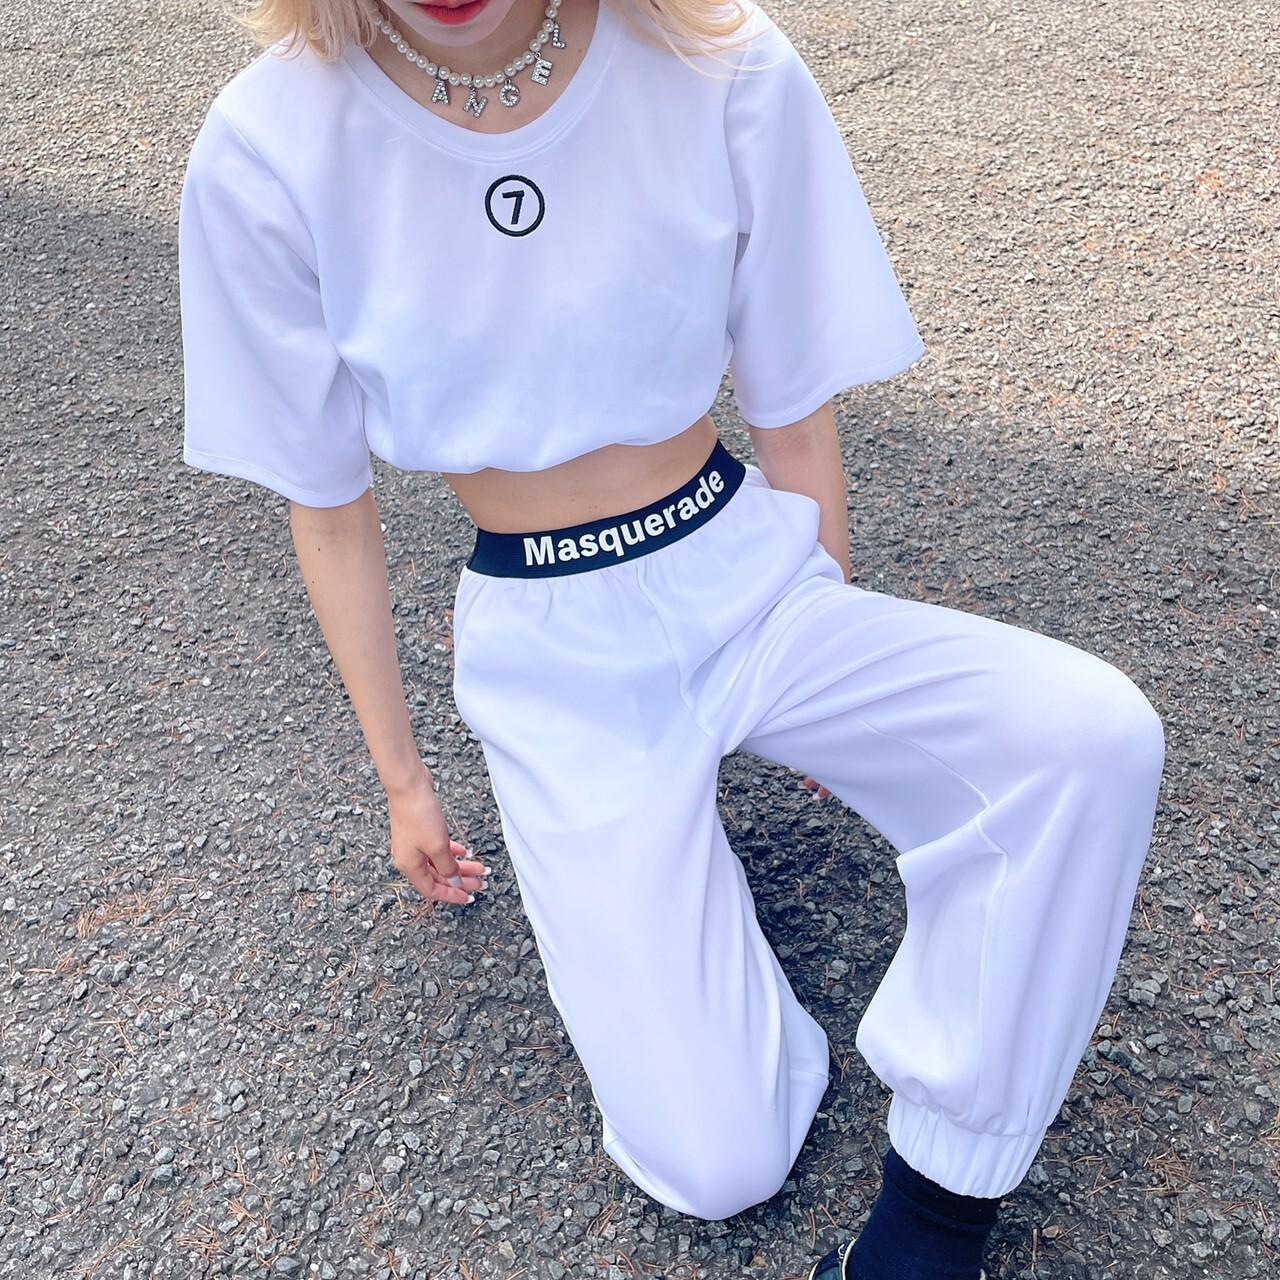 【SUMMER VACATION FAIR!】NANA original masquerade pants